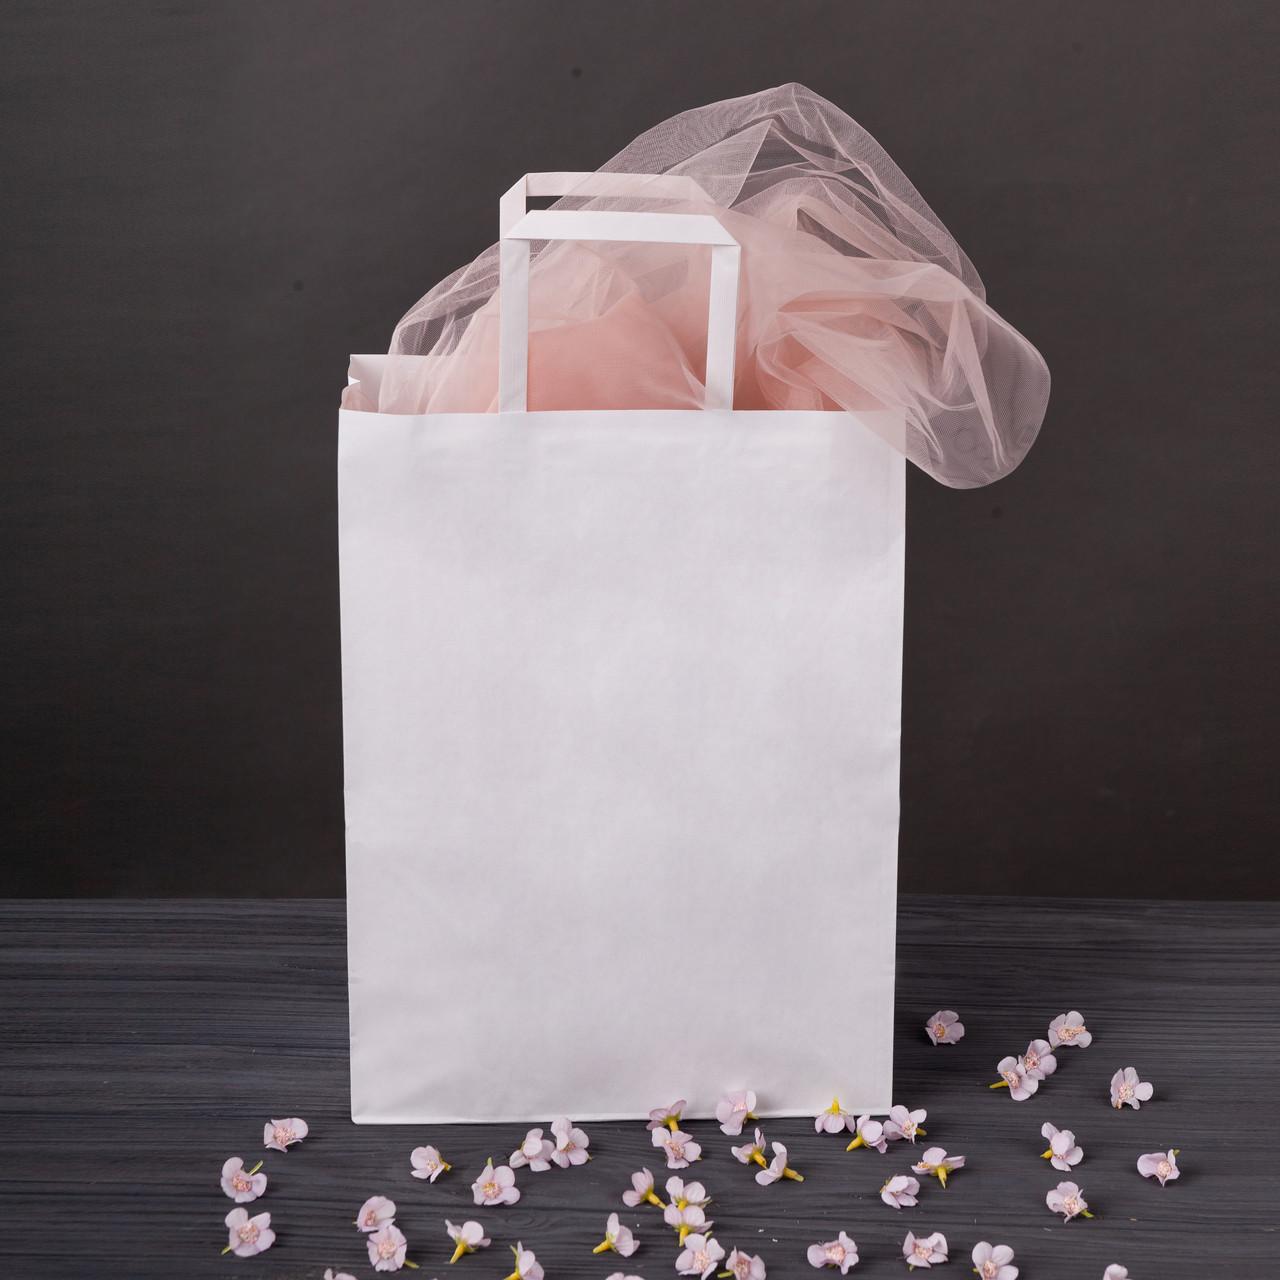 Пакет бумажный с плоскими ручками большой 320*150*380 мм белый крафт пакет с ручками, упаковка 500 штук